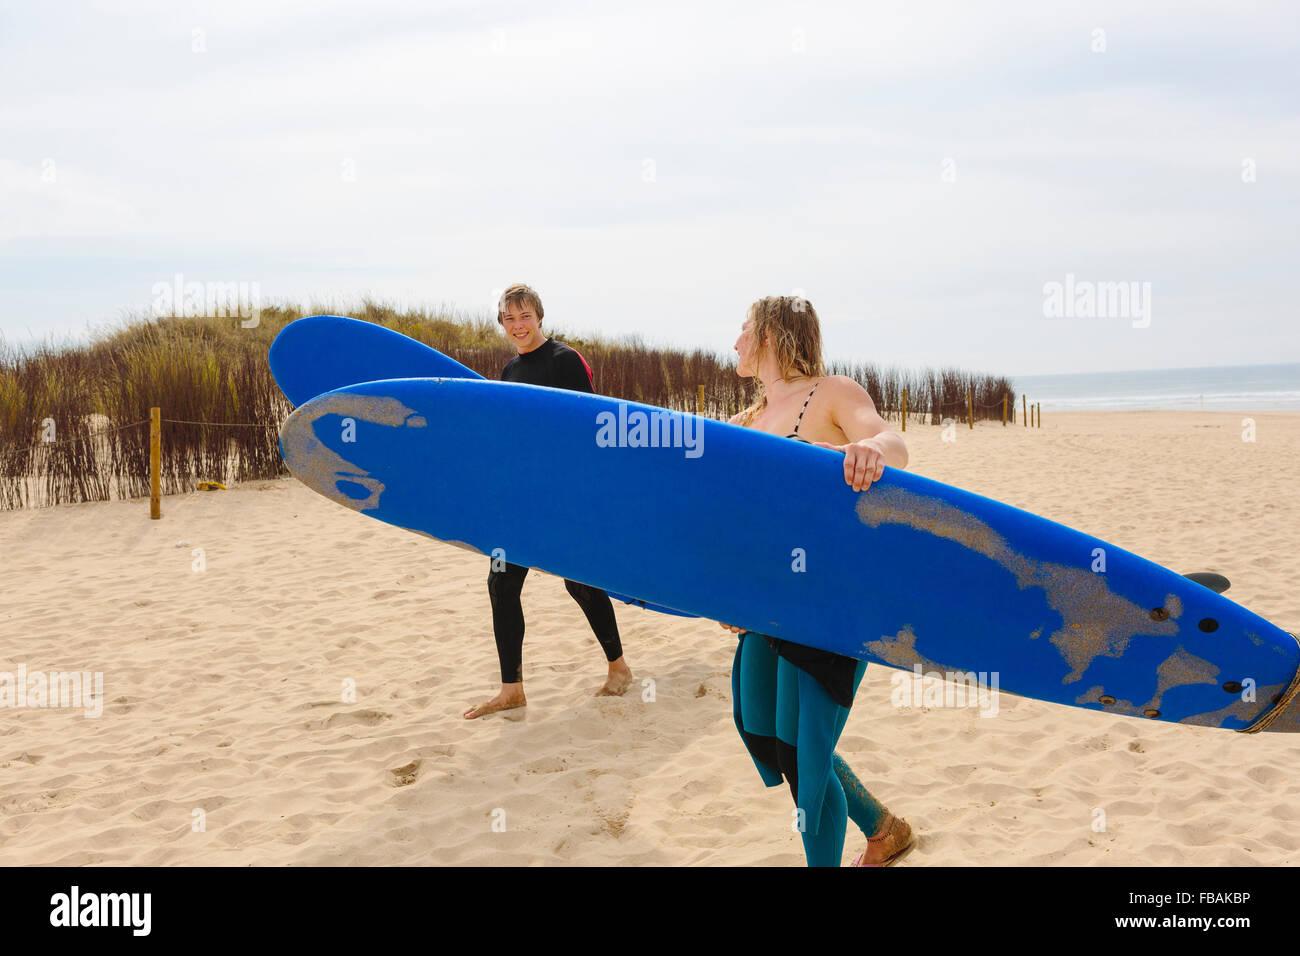 Portugal, Lisbonne, deux personnes transportant des planches sur la plage Photo Stock